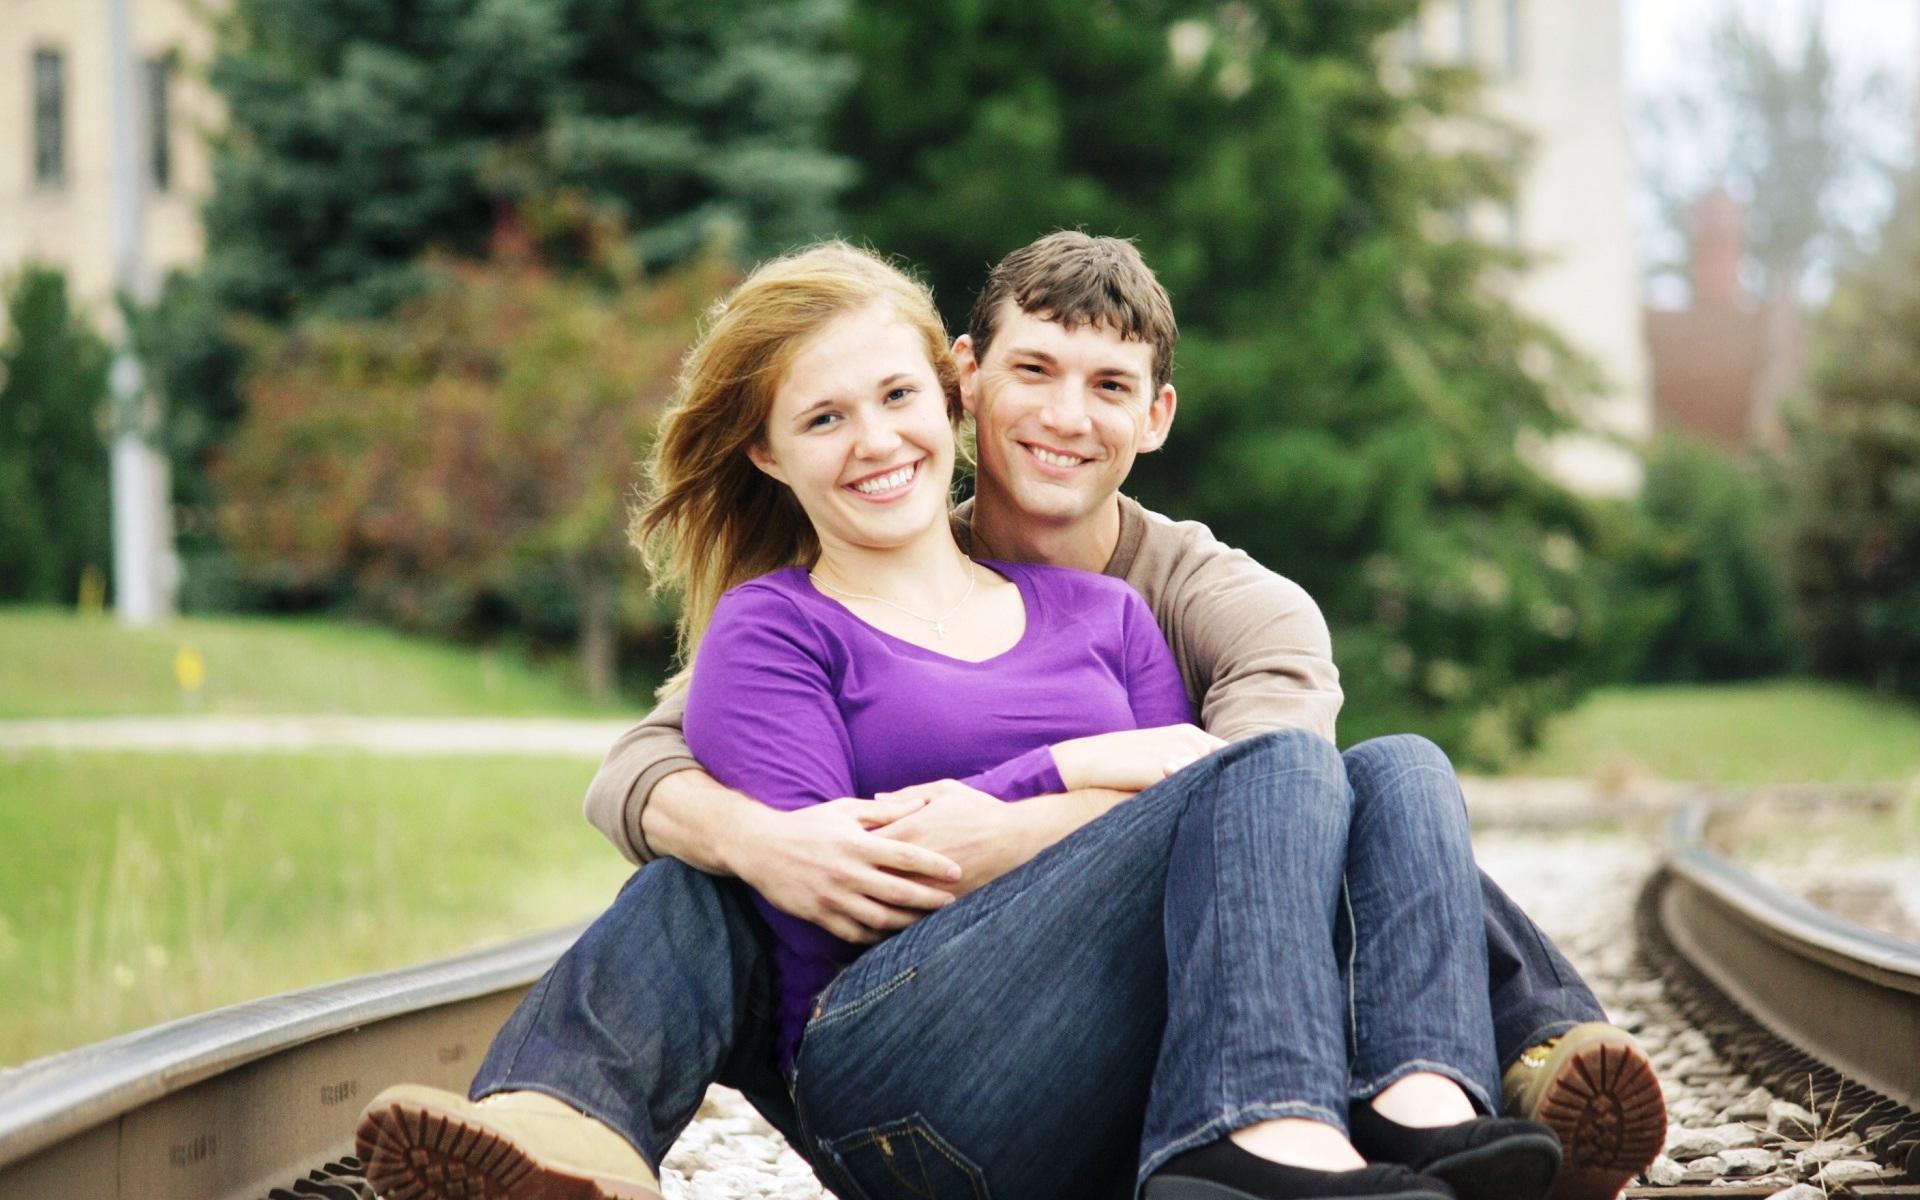 بالصور صور عناق رومانسية صور احضان رومانسية خلفيات احضان جديدة , خلفيات حب وغرام 3918 1